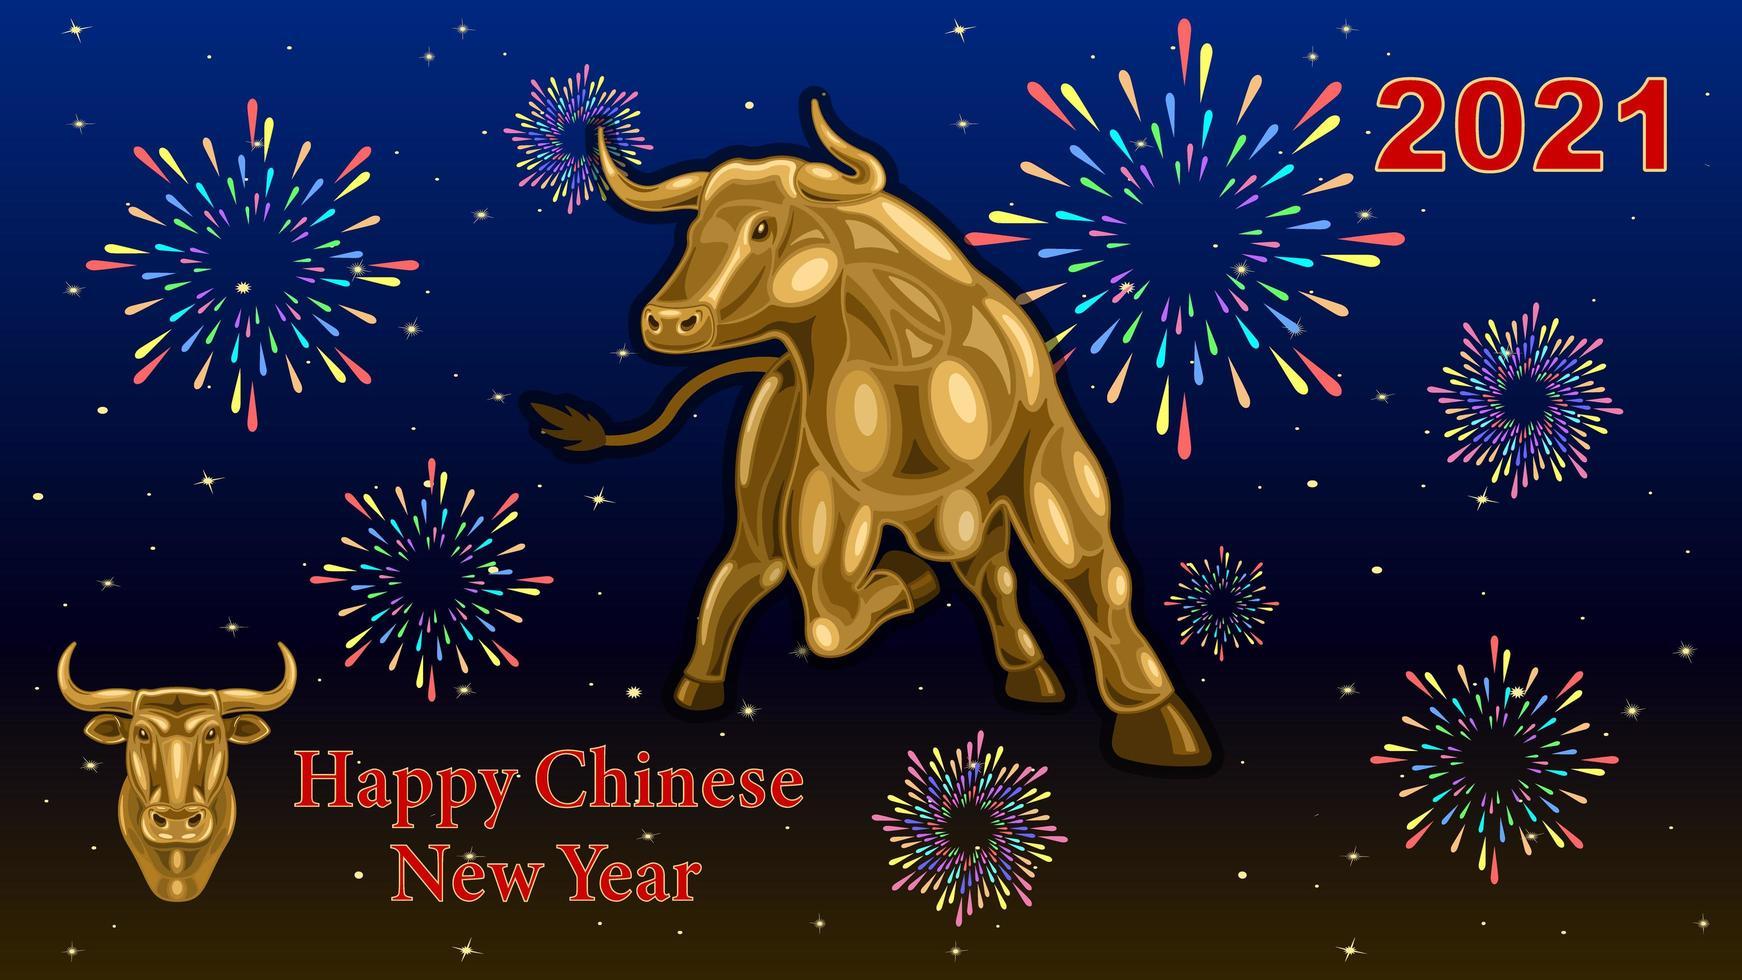 metalen stier, os, 2021 Chinees Nieuwjaar vuurwerk poster vector